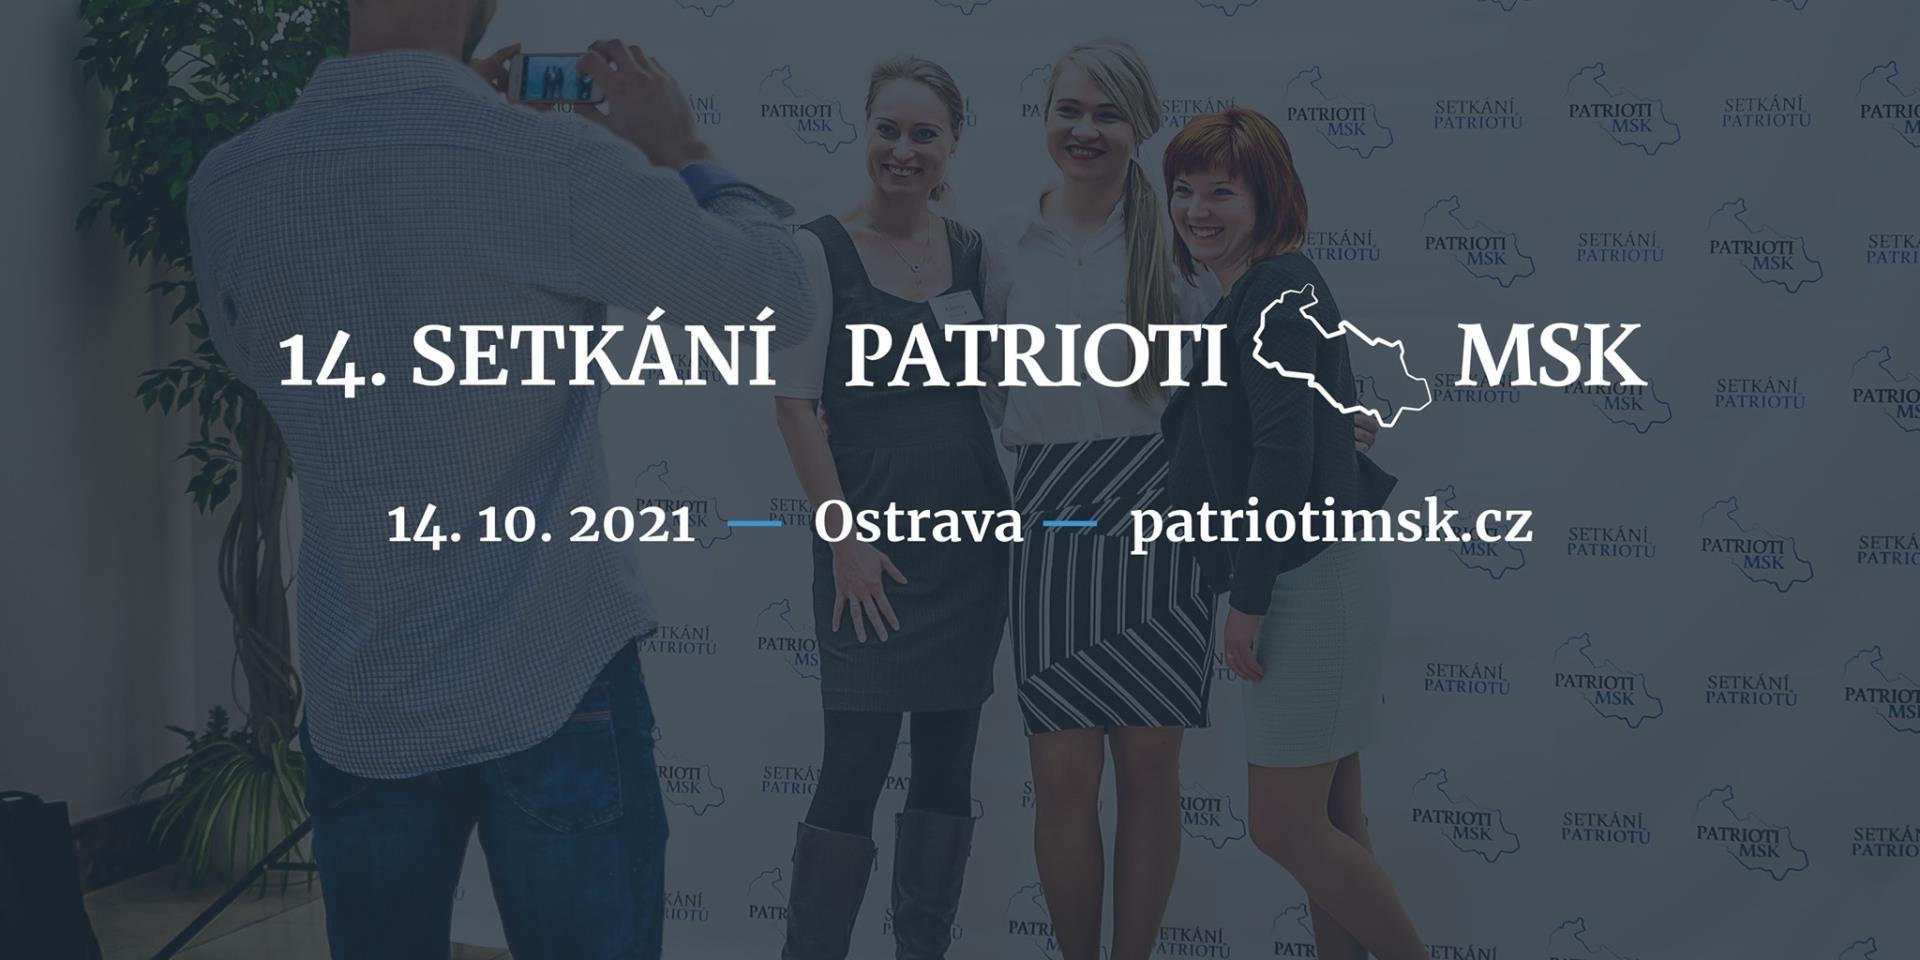 14. Setkání Patriotů MSK